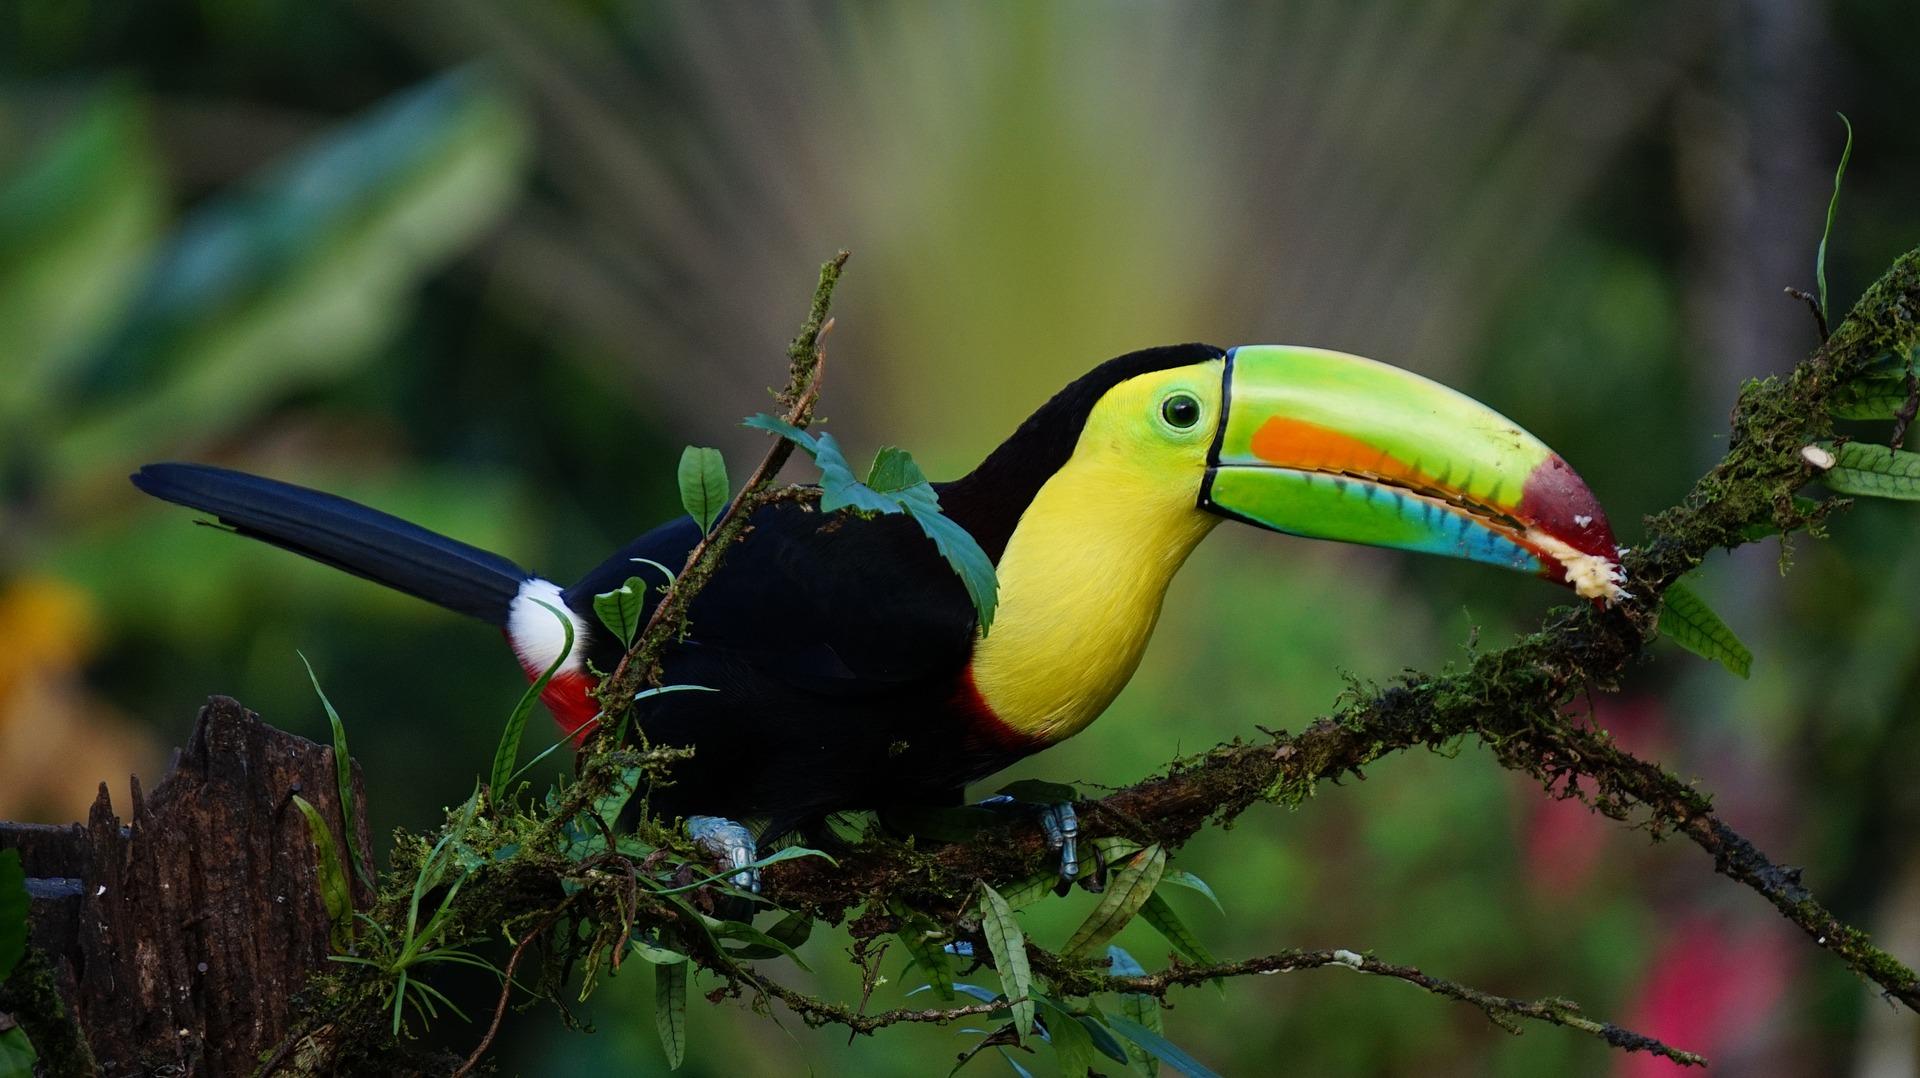 Sprachreise Costa Rica: Empfehlungen & Vergleich (01/21)